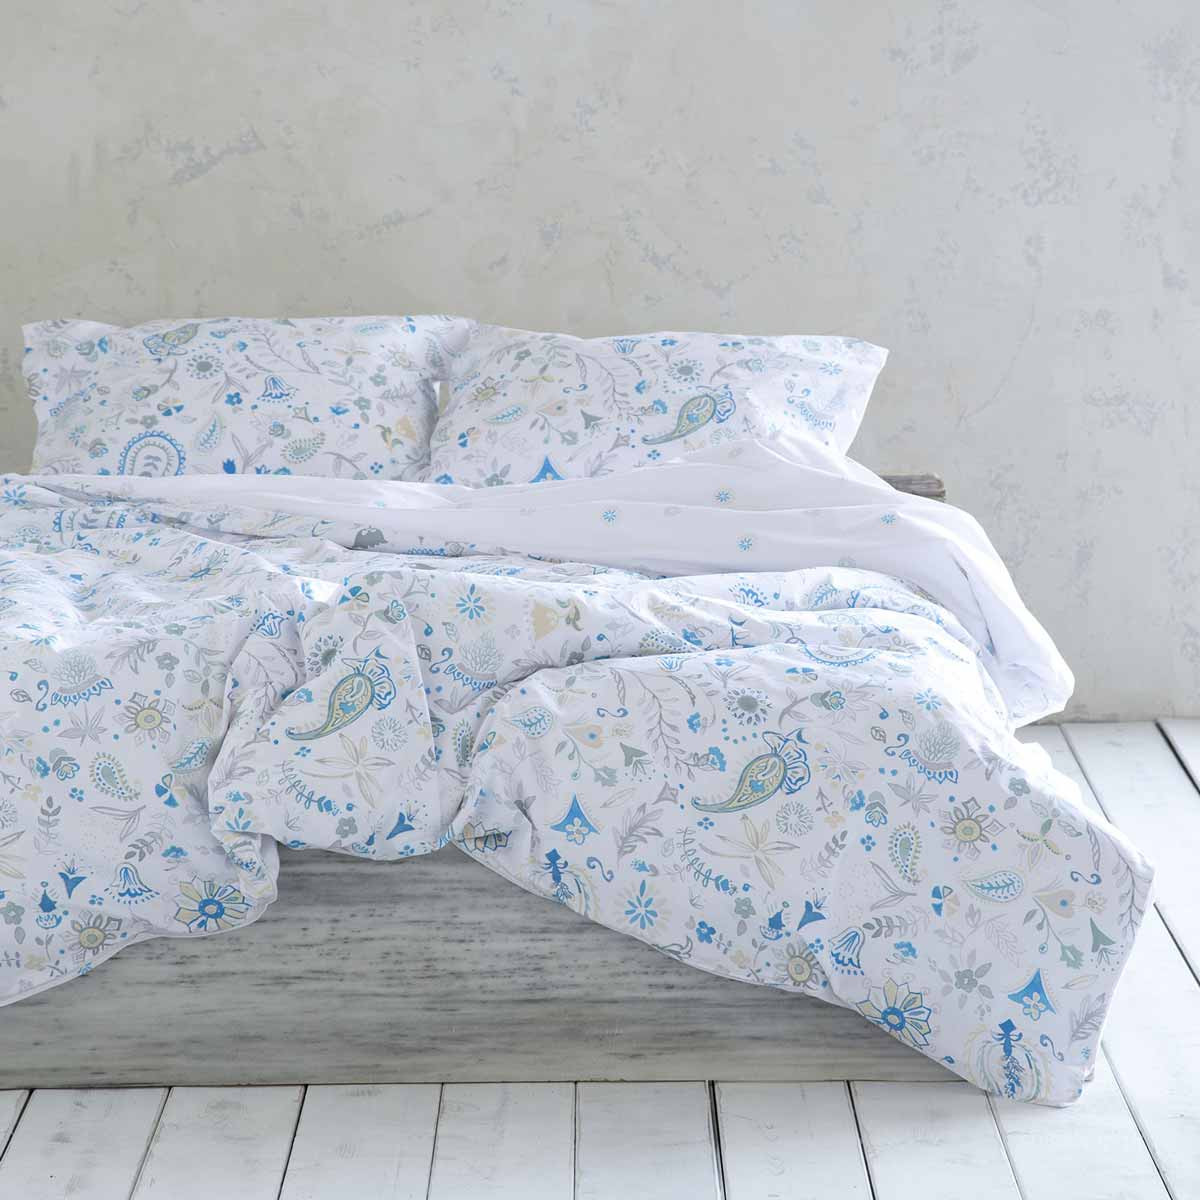 Σεντόνια Διπλά (Σετ) Nima Bed Linen Desire Blue home   κρεβατοκάμαρα   σεντόνια   σεντόνια ημίδιπλα   διπλά